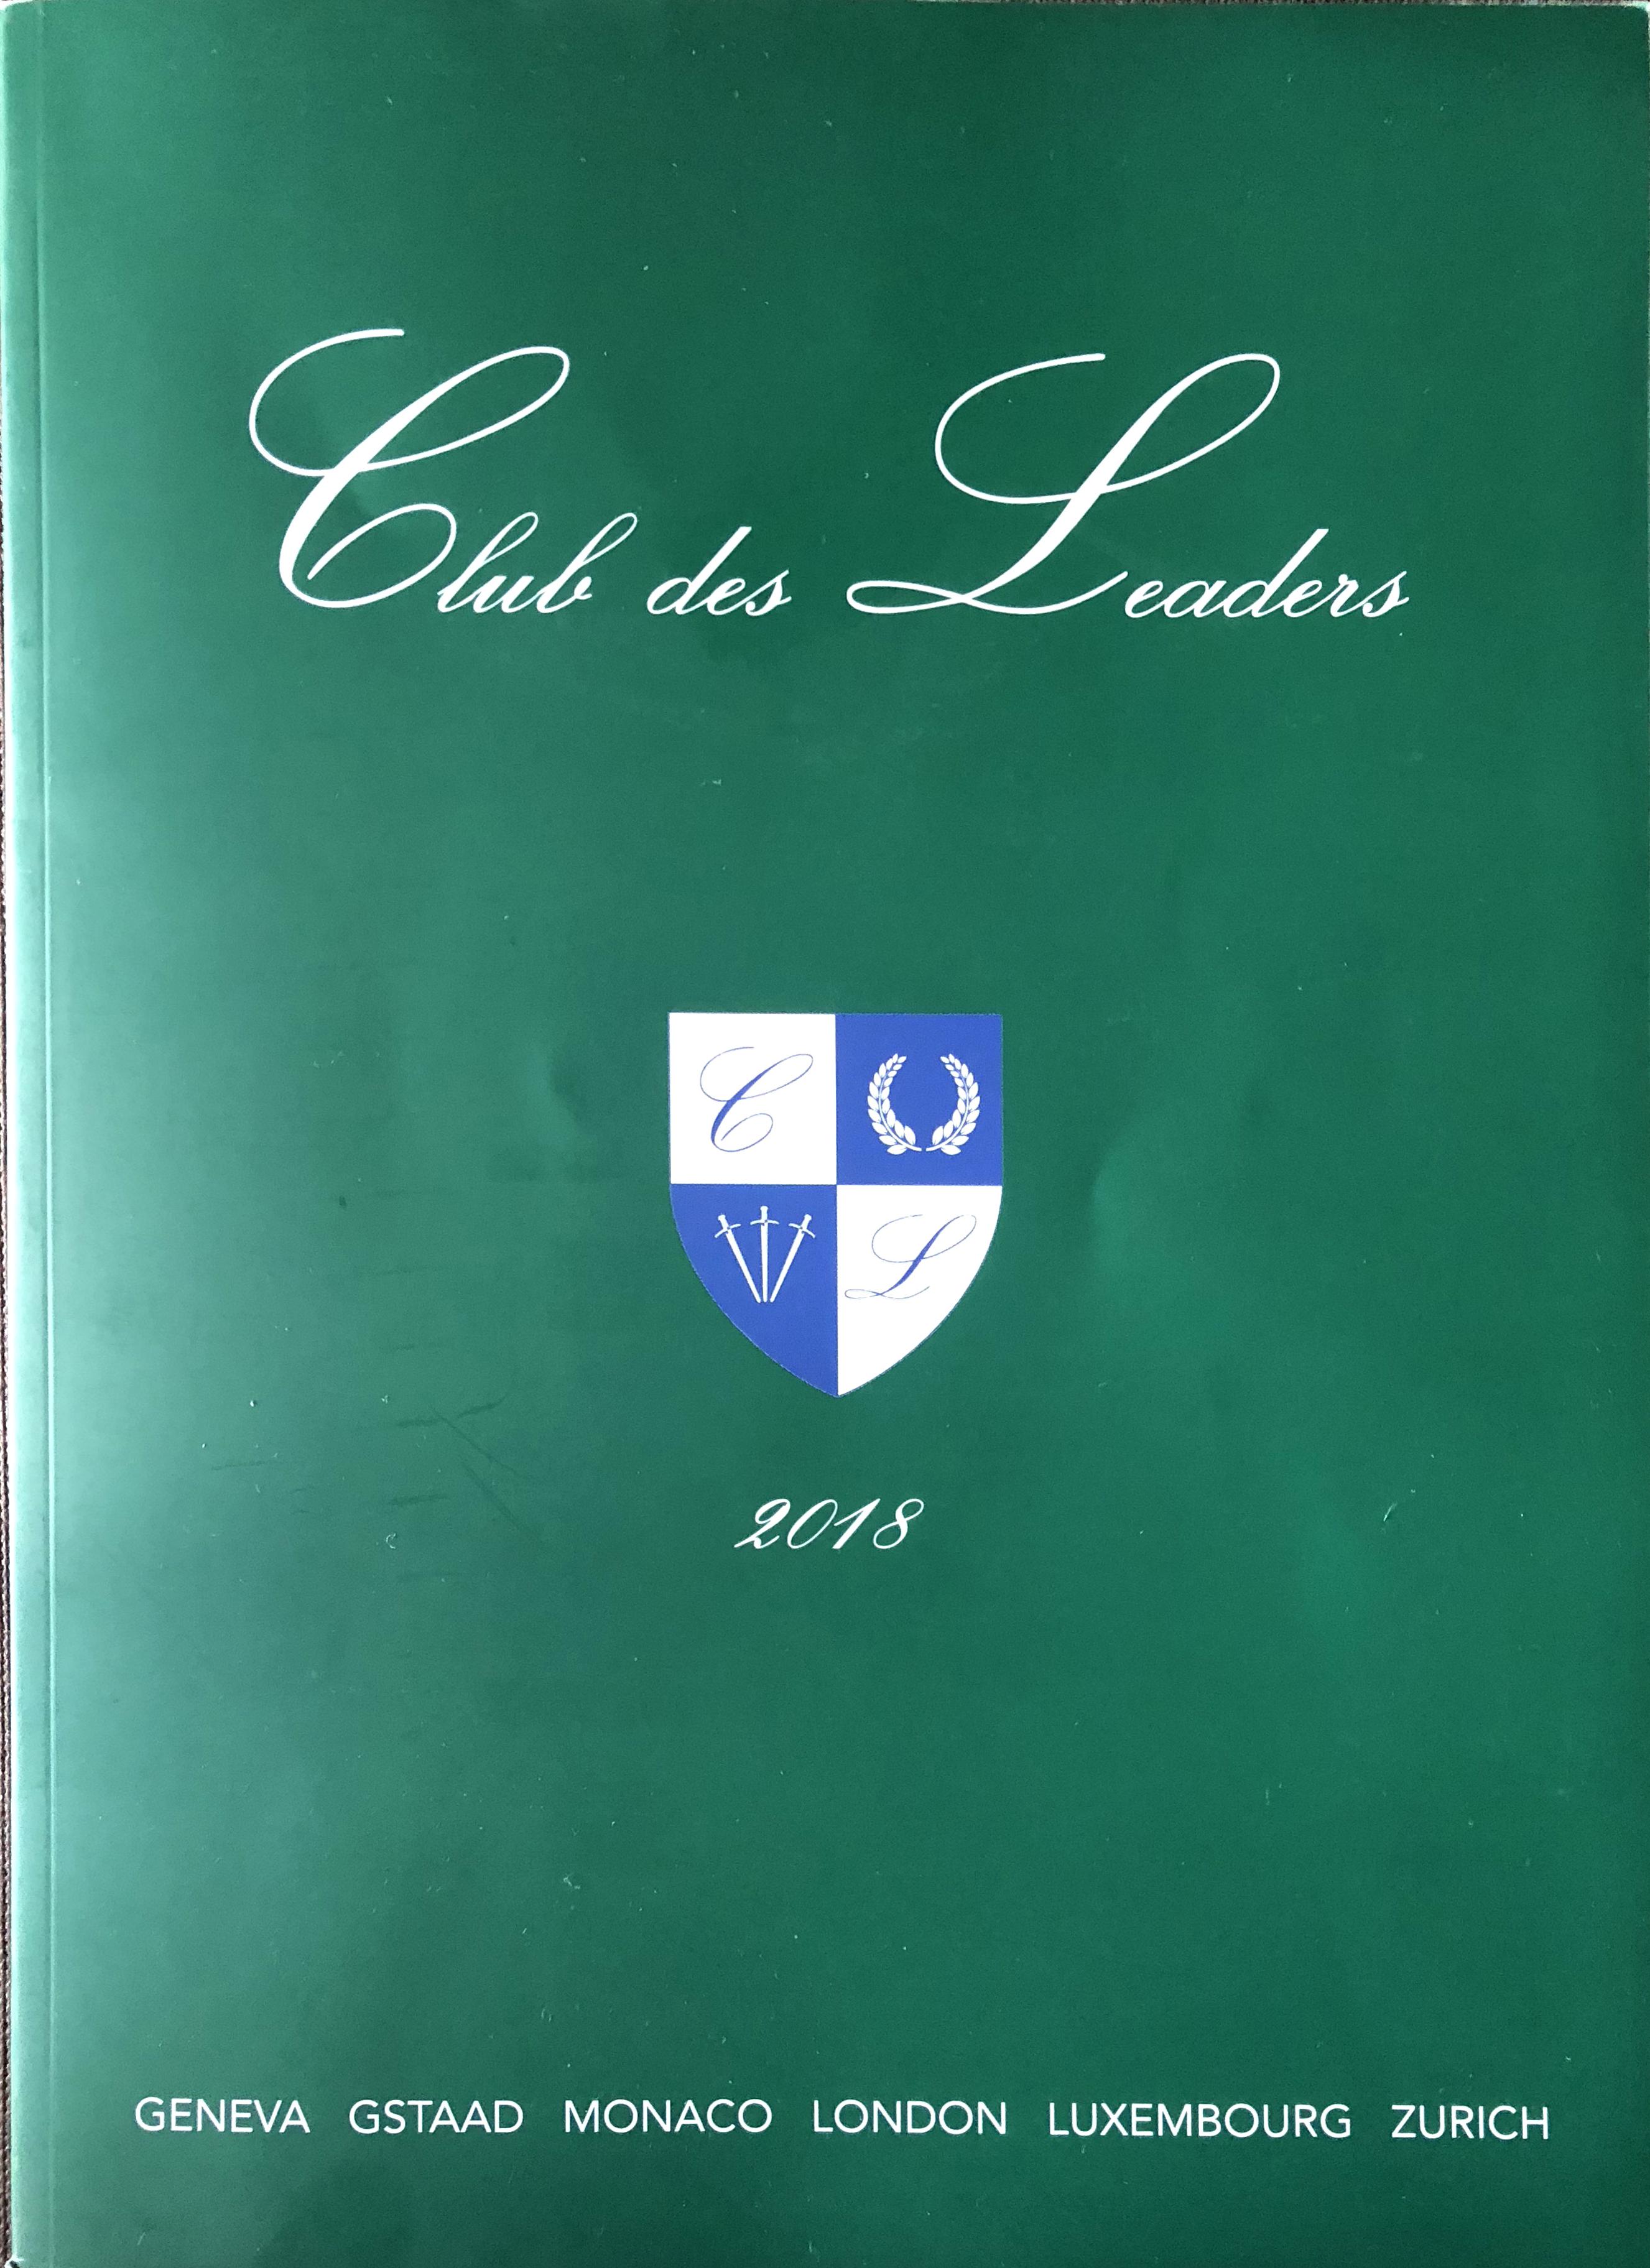 Club des Leaders